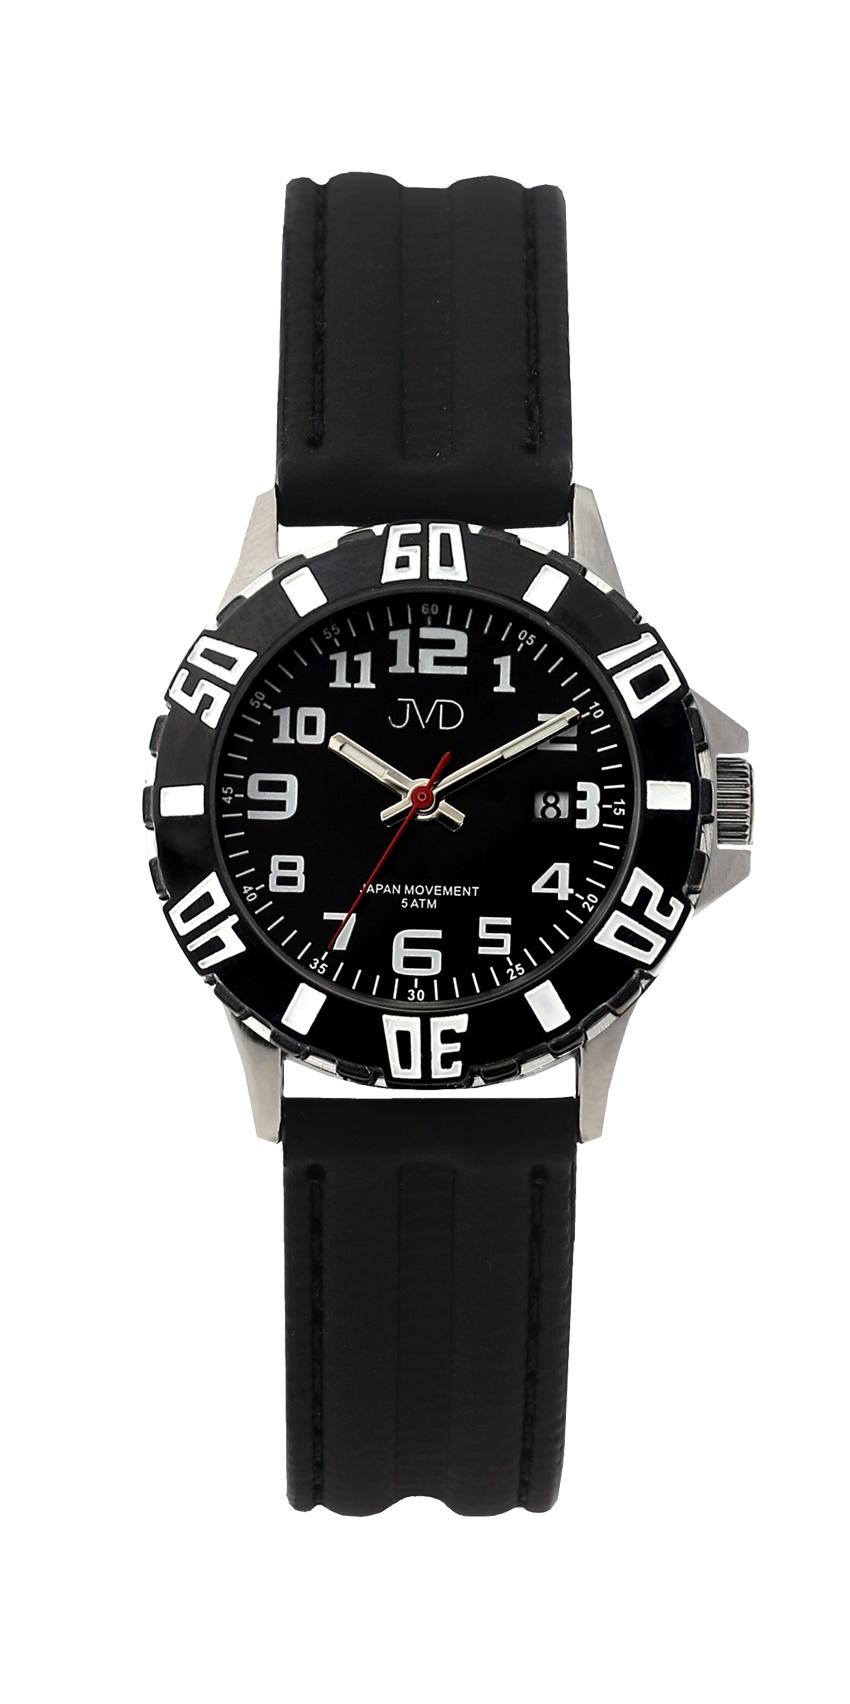 Černé chlapecké vodoodolné dětské náramkové hodinky JVD J7176.1 (5ATM - voděodolnost)